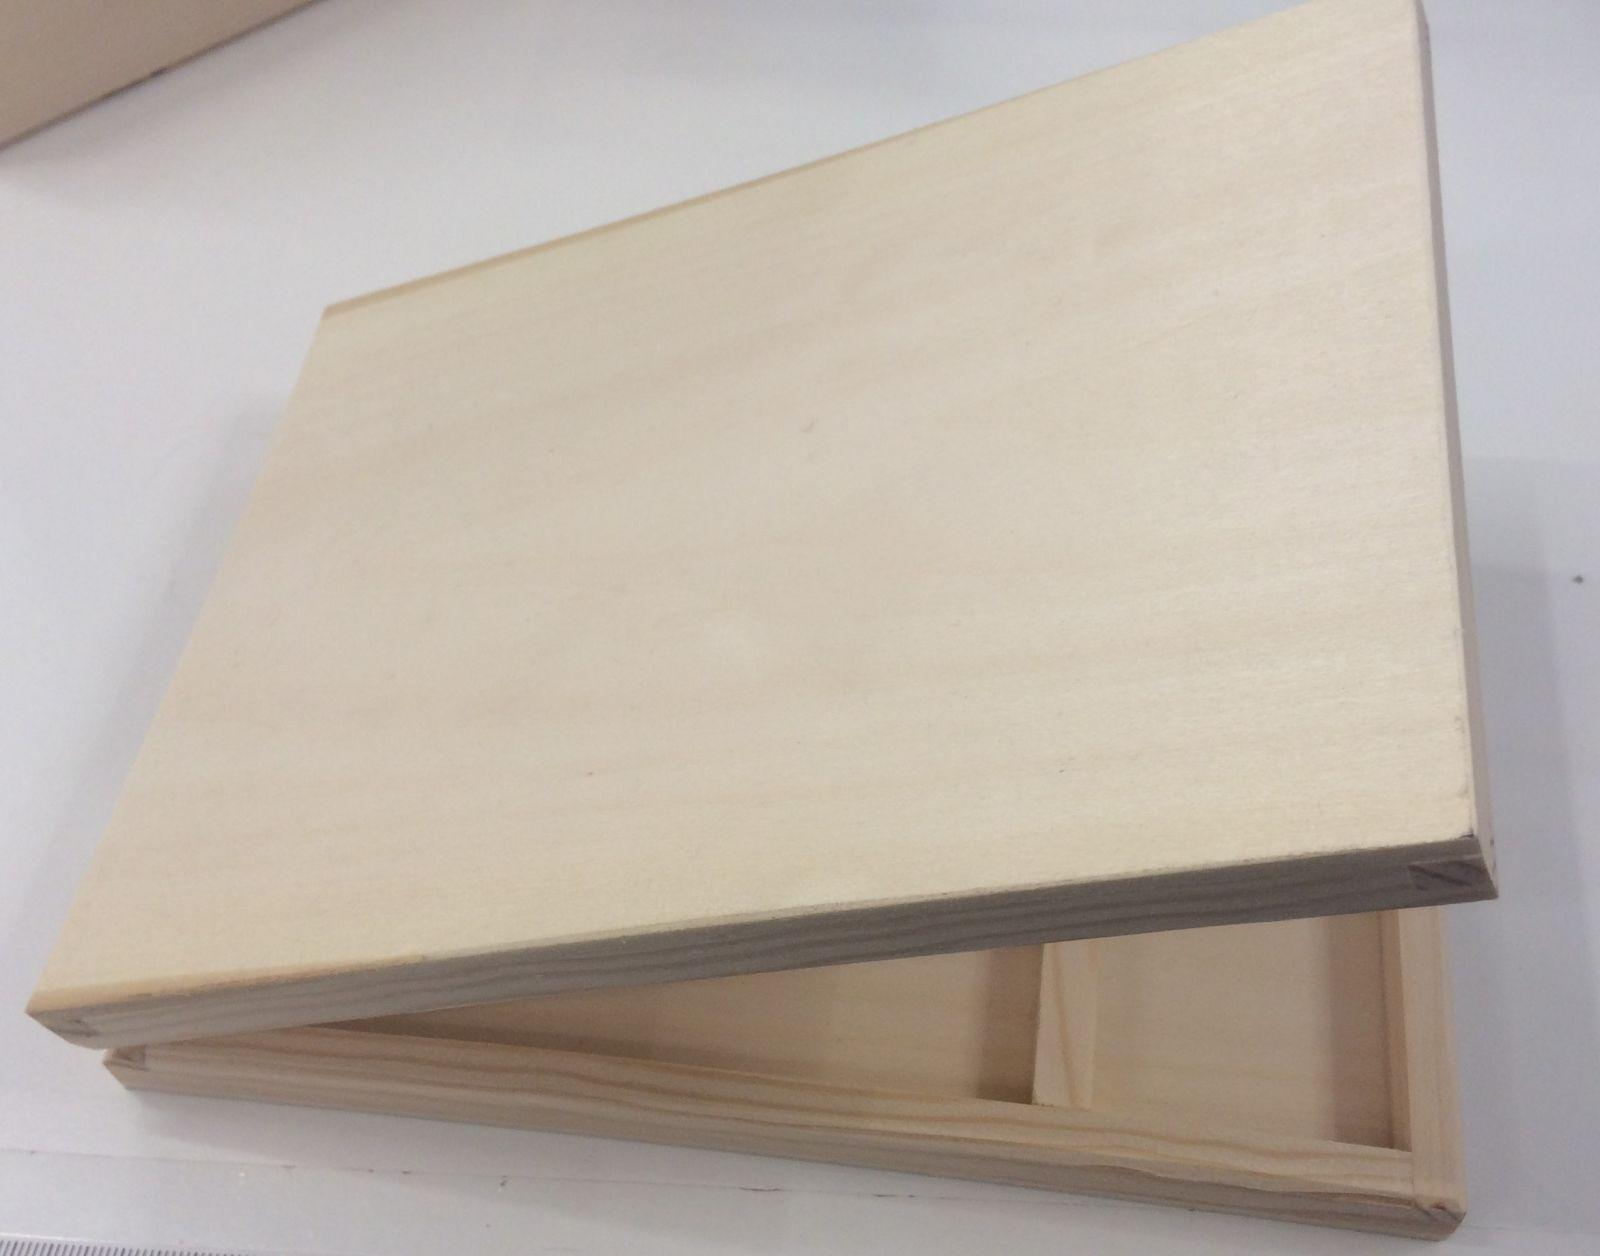 Dřevěná krabička - nízká s přihrádkou, 19 x 2,5cm